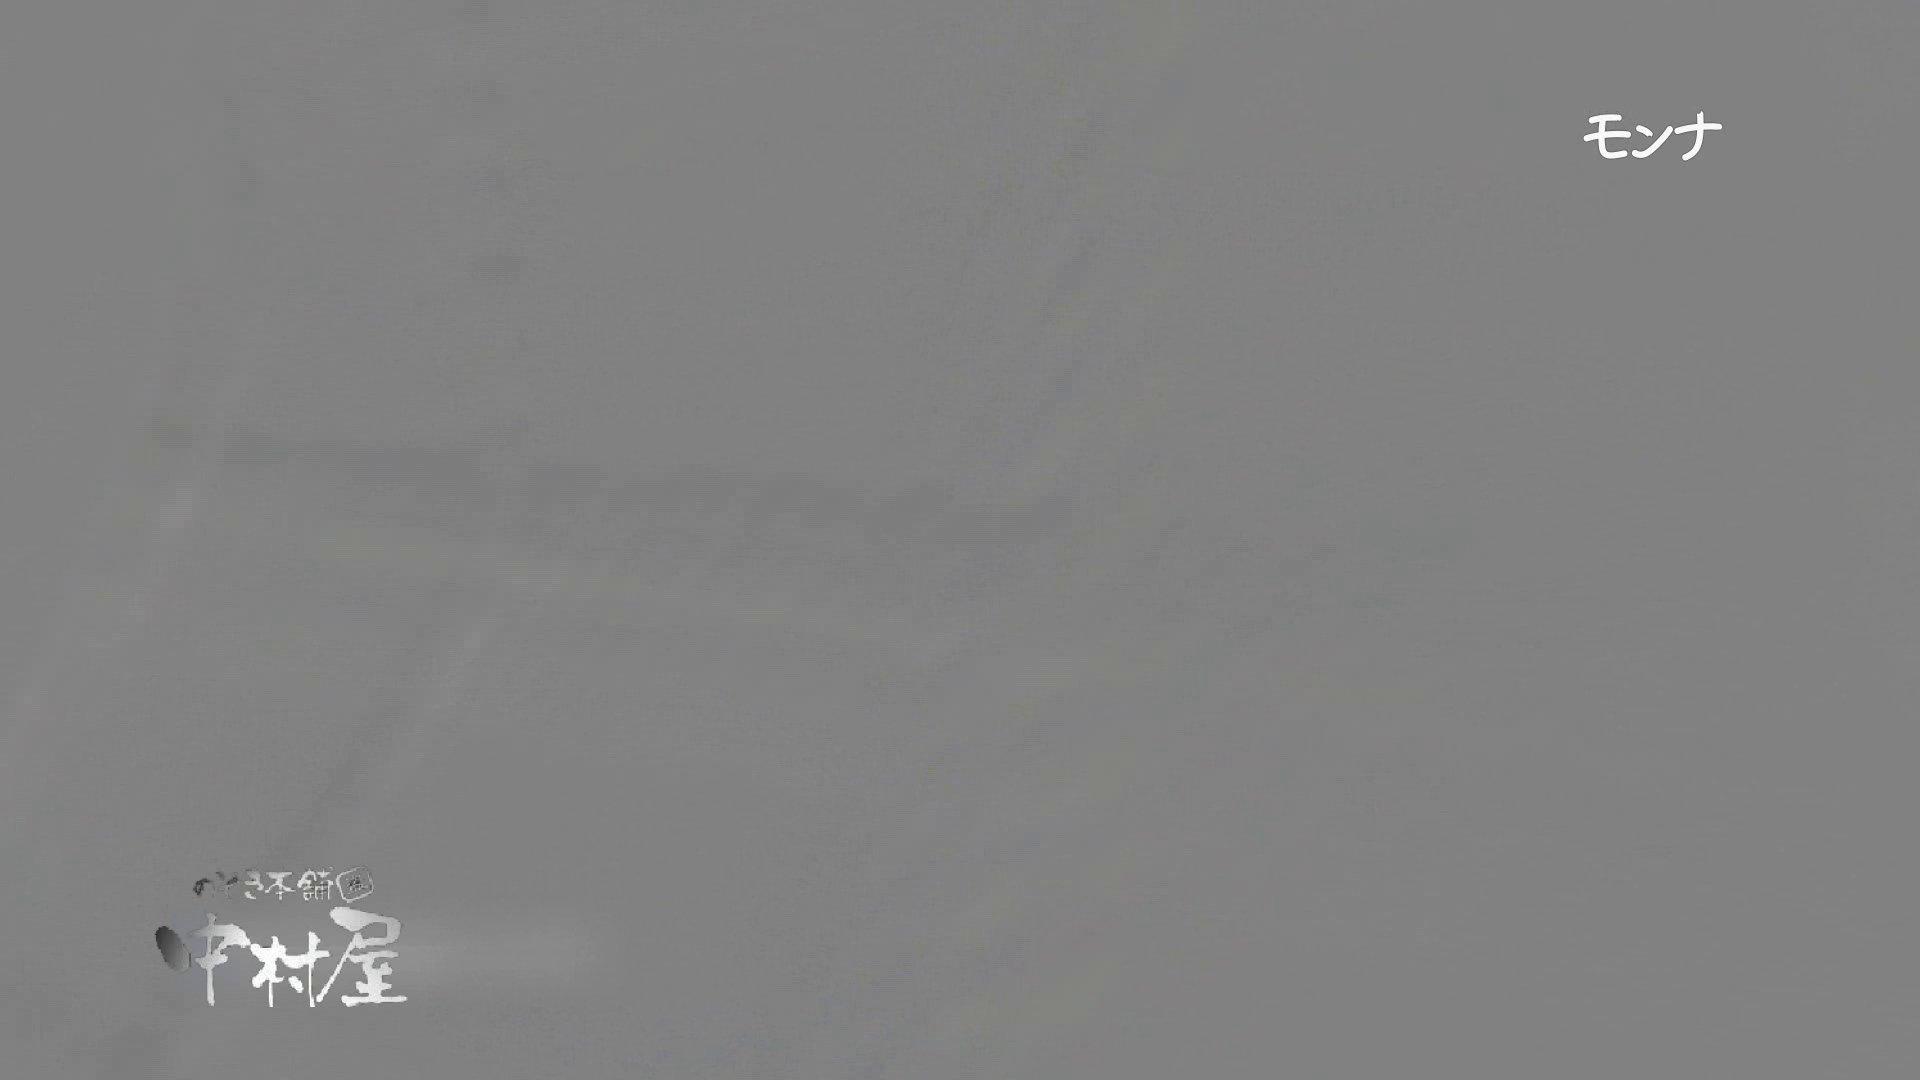 【美しい日本の未来】新学期!!下半身中心に攻めてます美女可愛い女子悪戯盗satuトイレ後編 下半身 覗きおまんこ画像 82連発 55